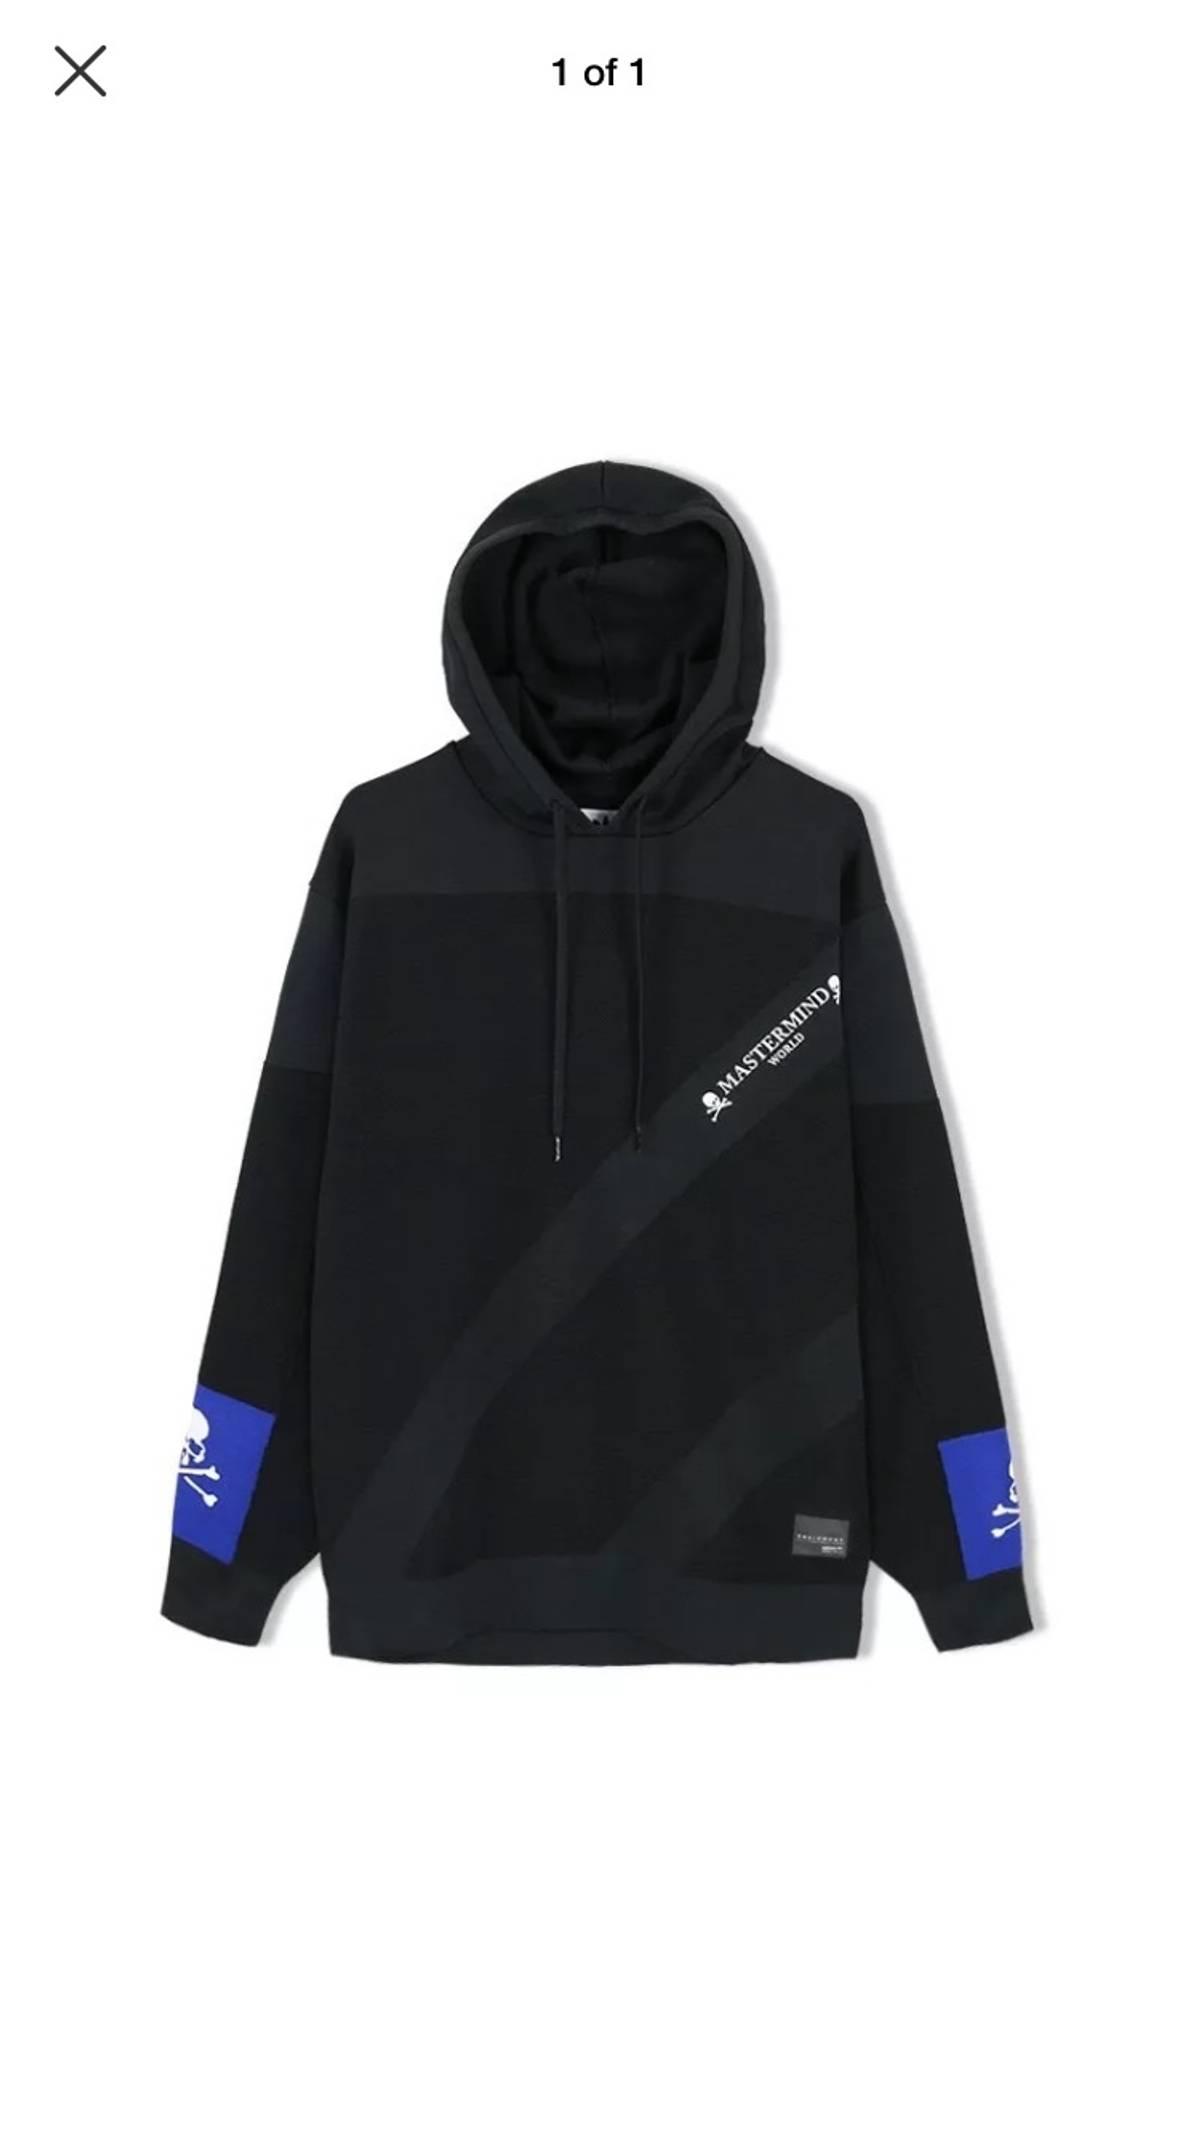 X × Hoodie Size Mastermind Adidas Japan Eqt M360 DYW2EH9eIb